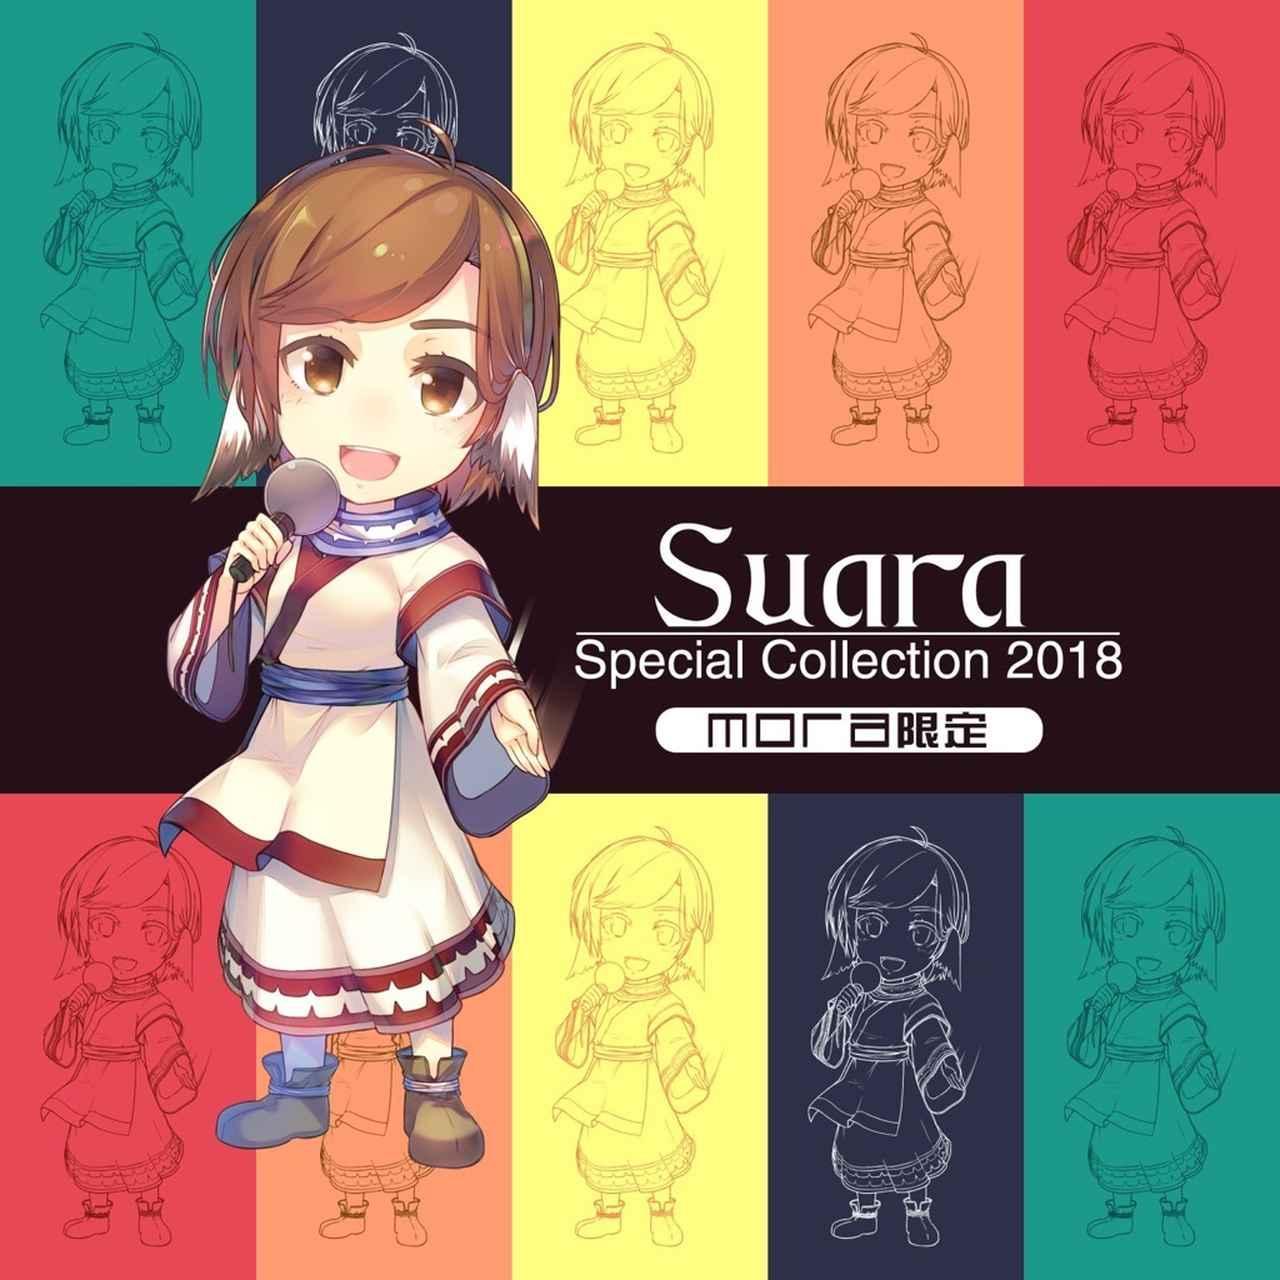 画像: Suara mora限定 Special Collection 2018 / Suara